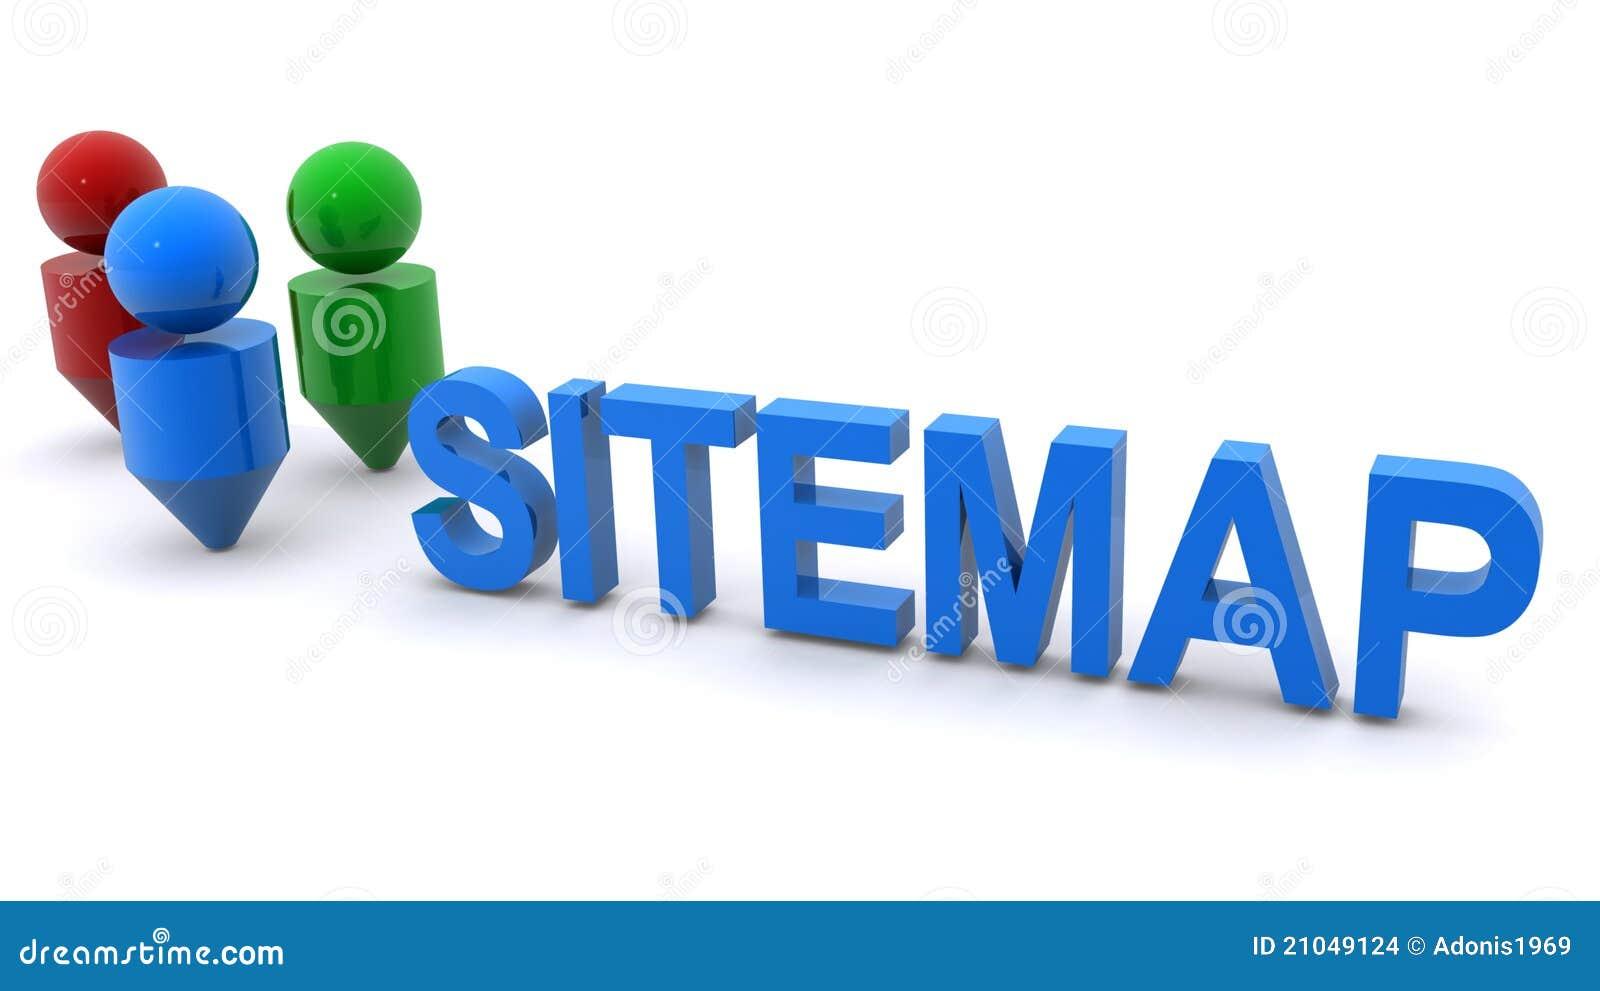 Illustrazione di Sitemap